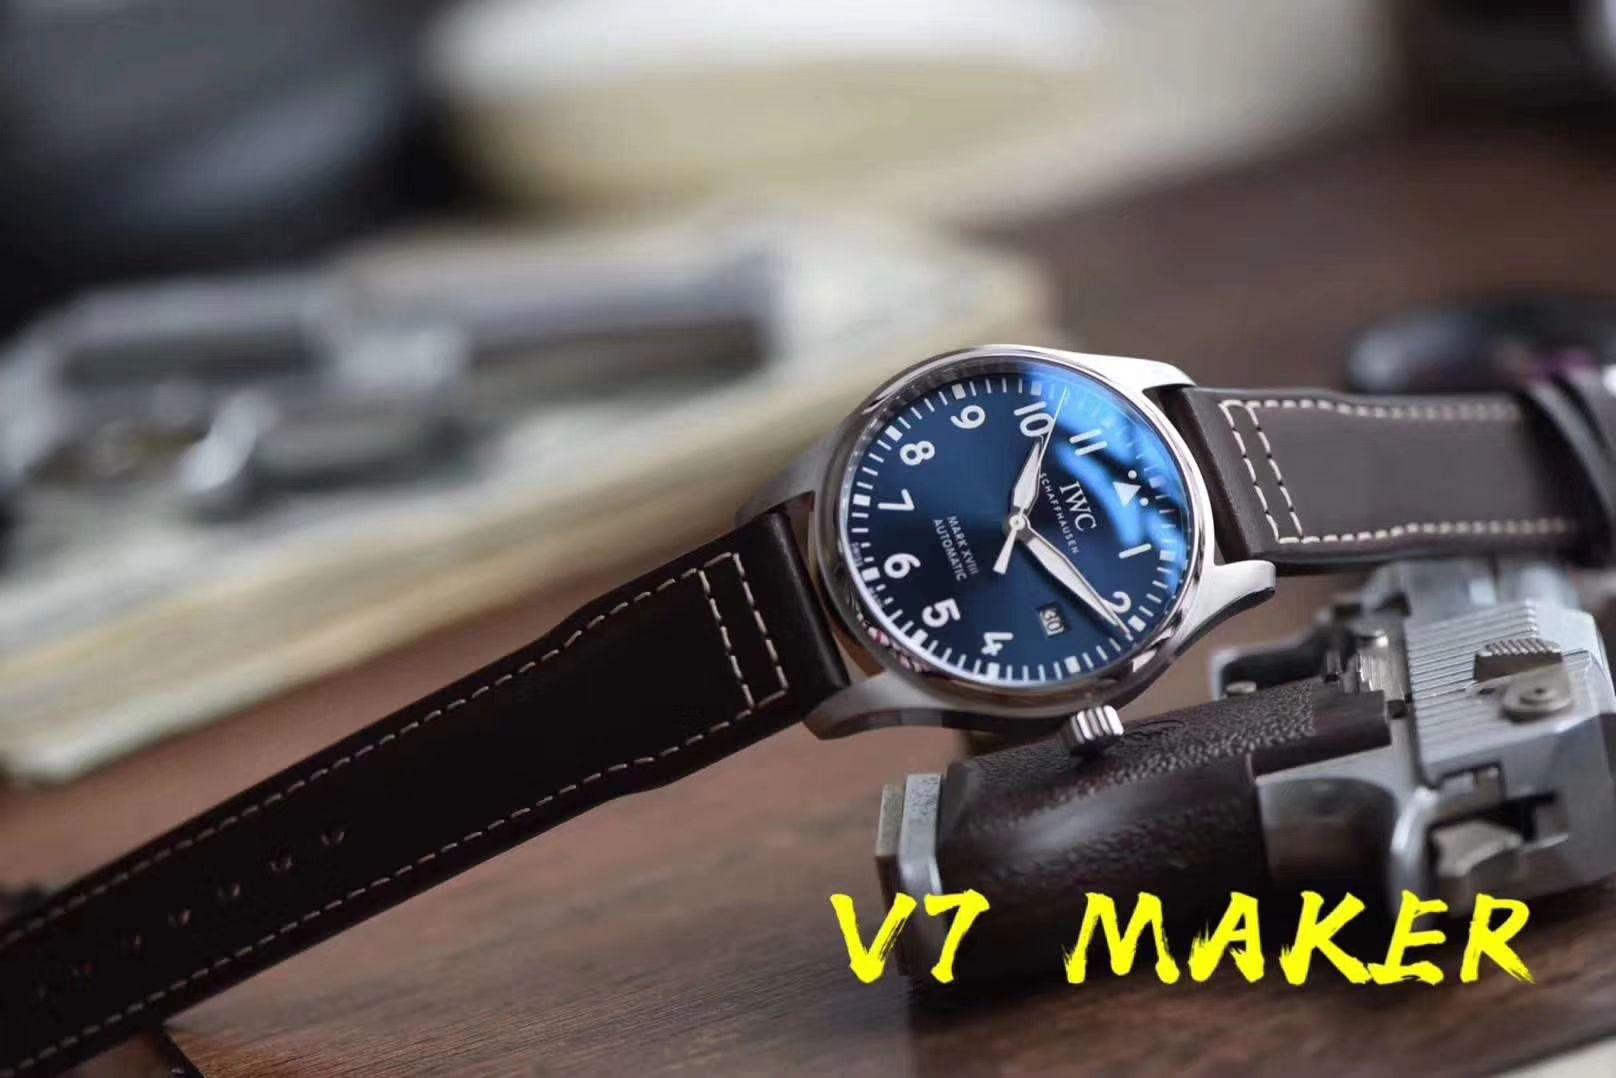 IWC万国表飞行员马克十八系列IW327004腕表(小王子)【V7一比一高仿手表】V7厂重磅力推,良心升级